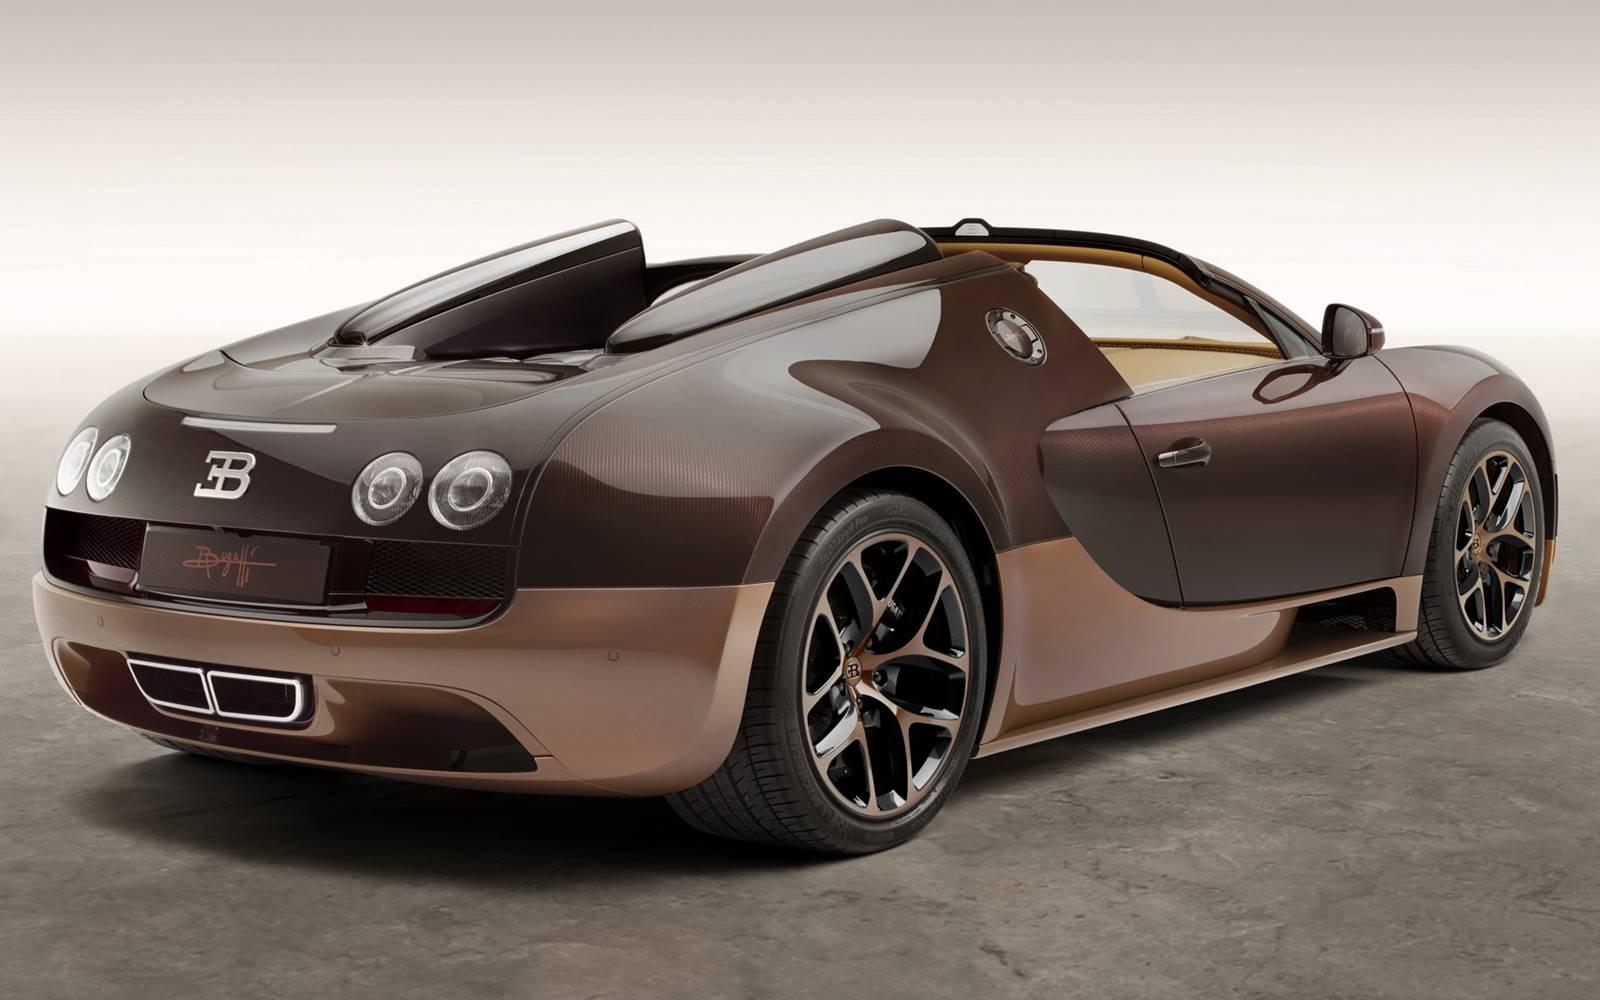 Bugatti Veyron últimas oito unidades vendidas em 2015